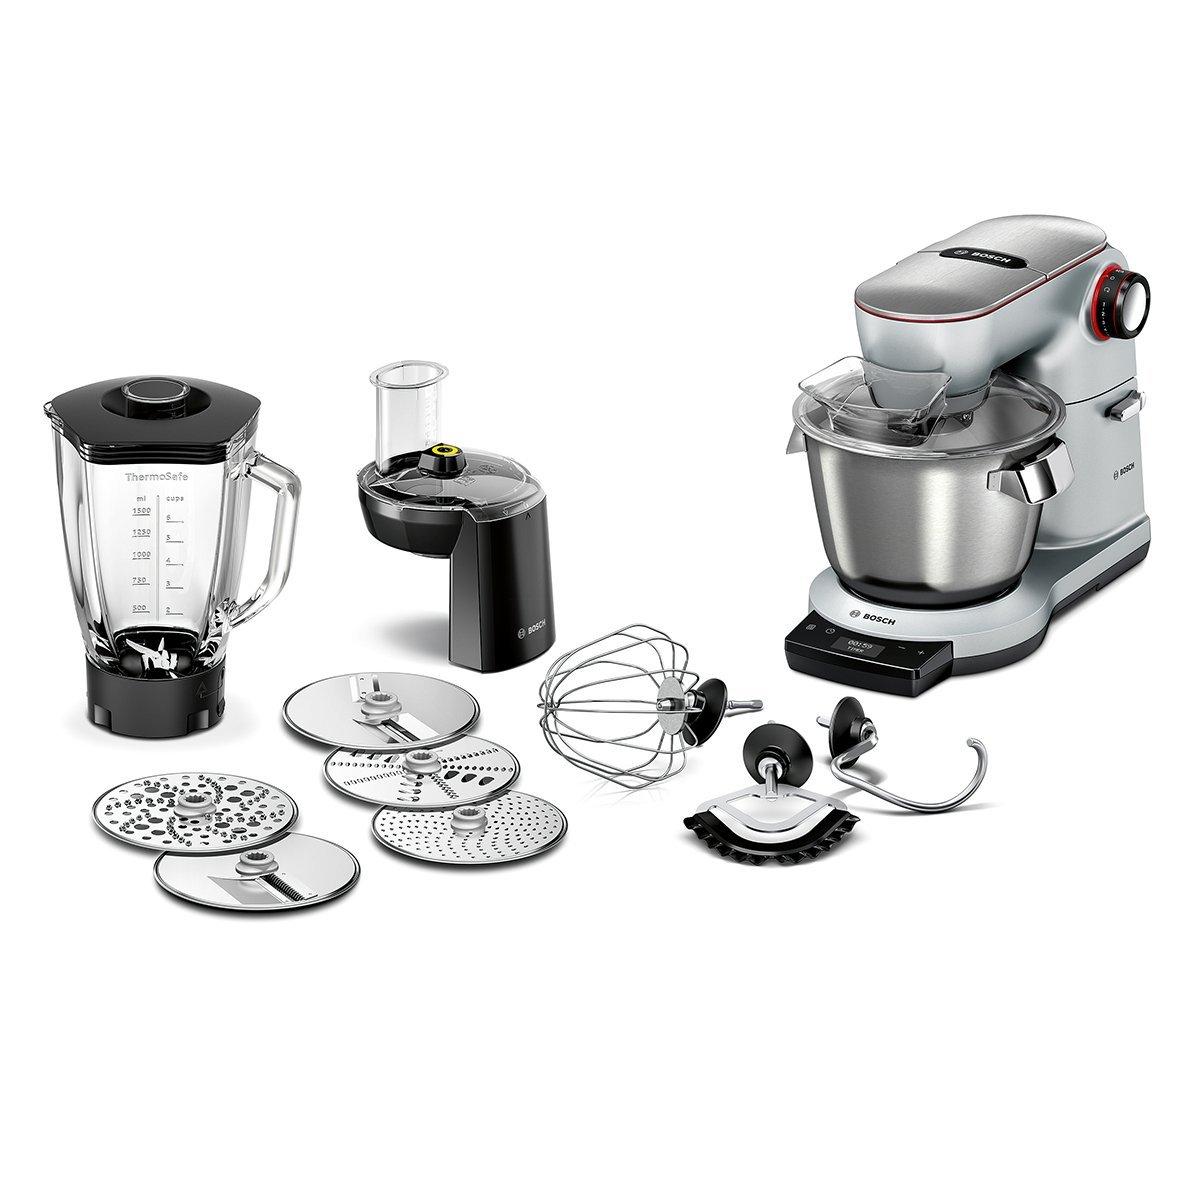 Bosch MUM9DT5S41 OptiMUM Küchenmaschine (1500 W, 3 Profi-Rührwerkzeuge  Edelstahl, spülmaschinenfest, Automatikprogramm, 5,5 Liter, Teigmenge  3,5kg, ...